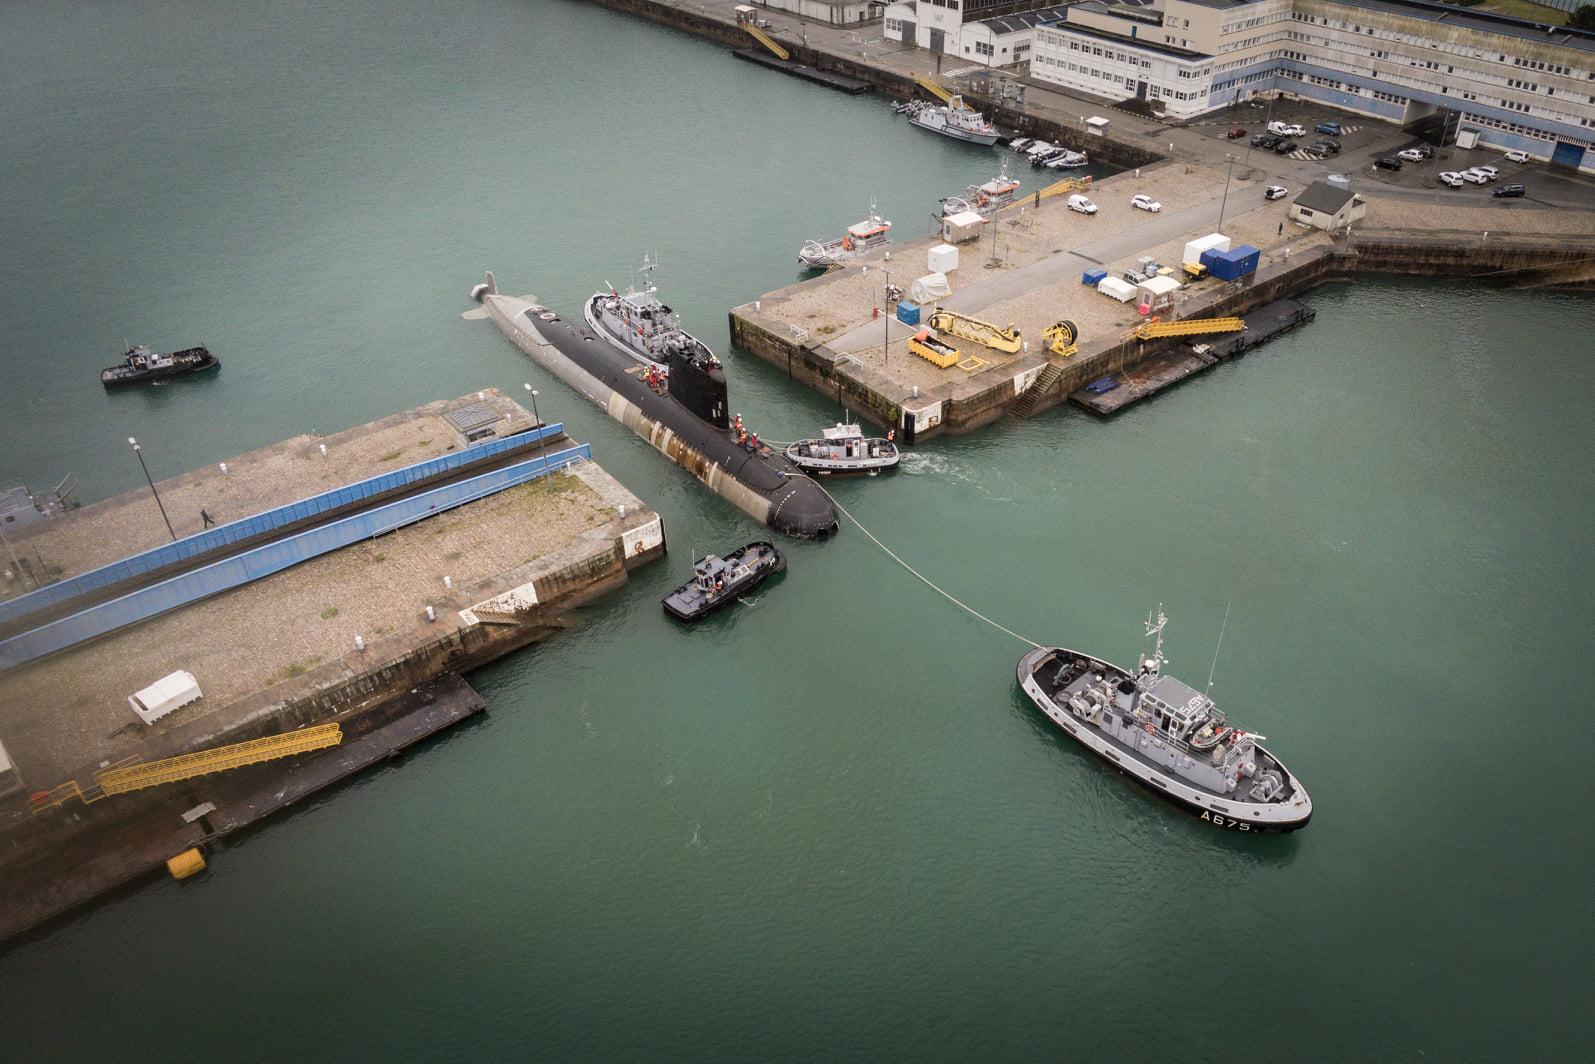 O PERLE chegou a Cherbourg no dia 18 de dezembro de 2020 e imediatamente entrou a doca dos estaleiros do Naval Group para ser elevado e colocado a seco. (imagem Marine Nationale)